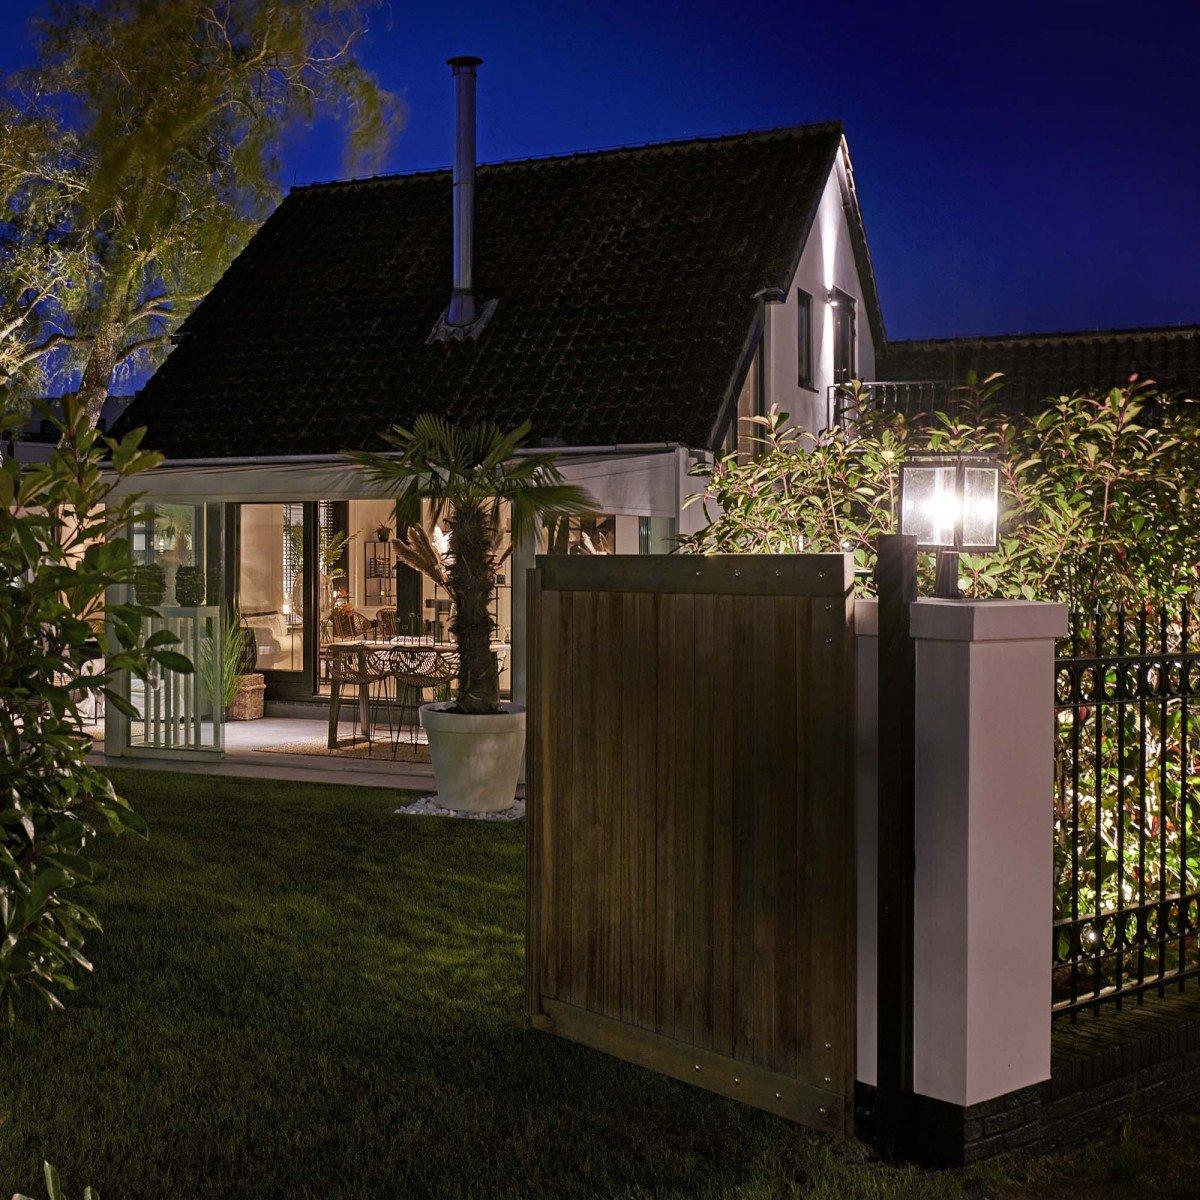 Buitenlamp staand zwart De Vecht Sokkel van KS Verlichting stijlvol strak moderne verlichting voor buiten